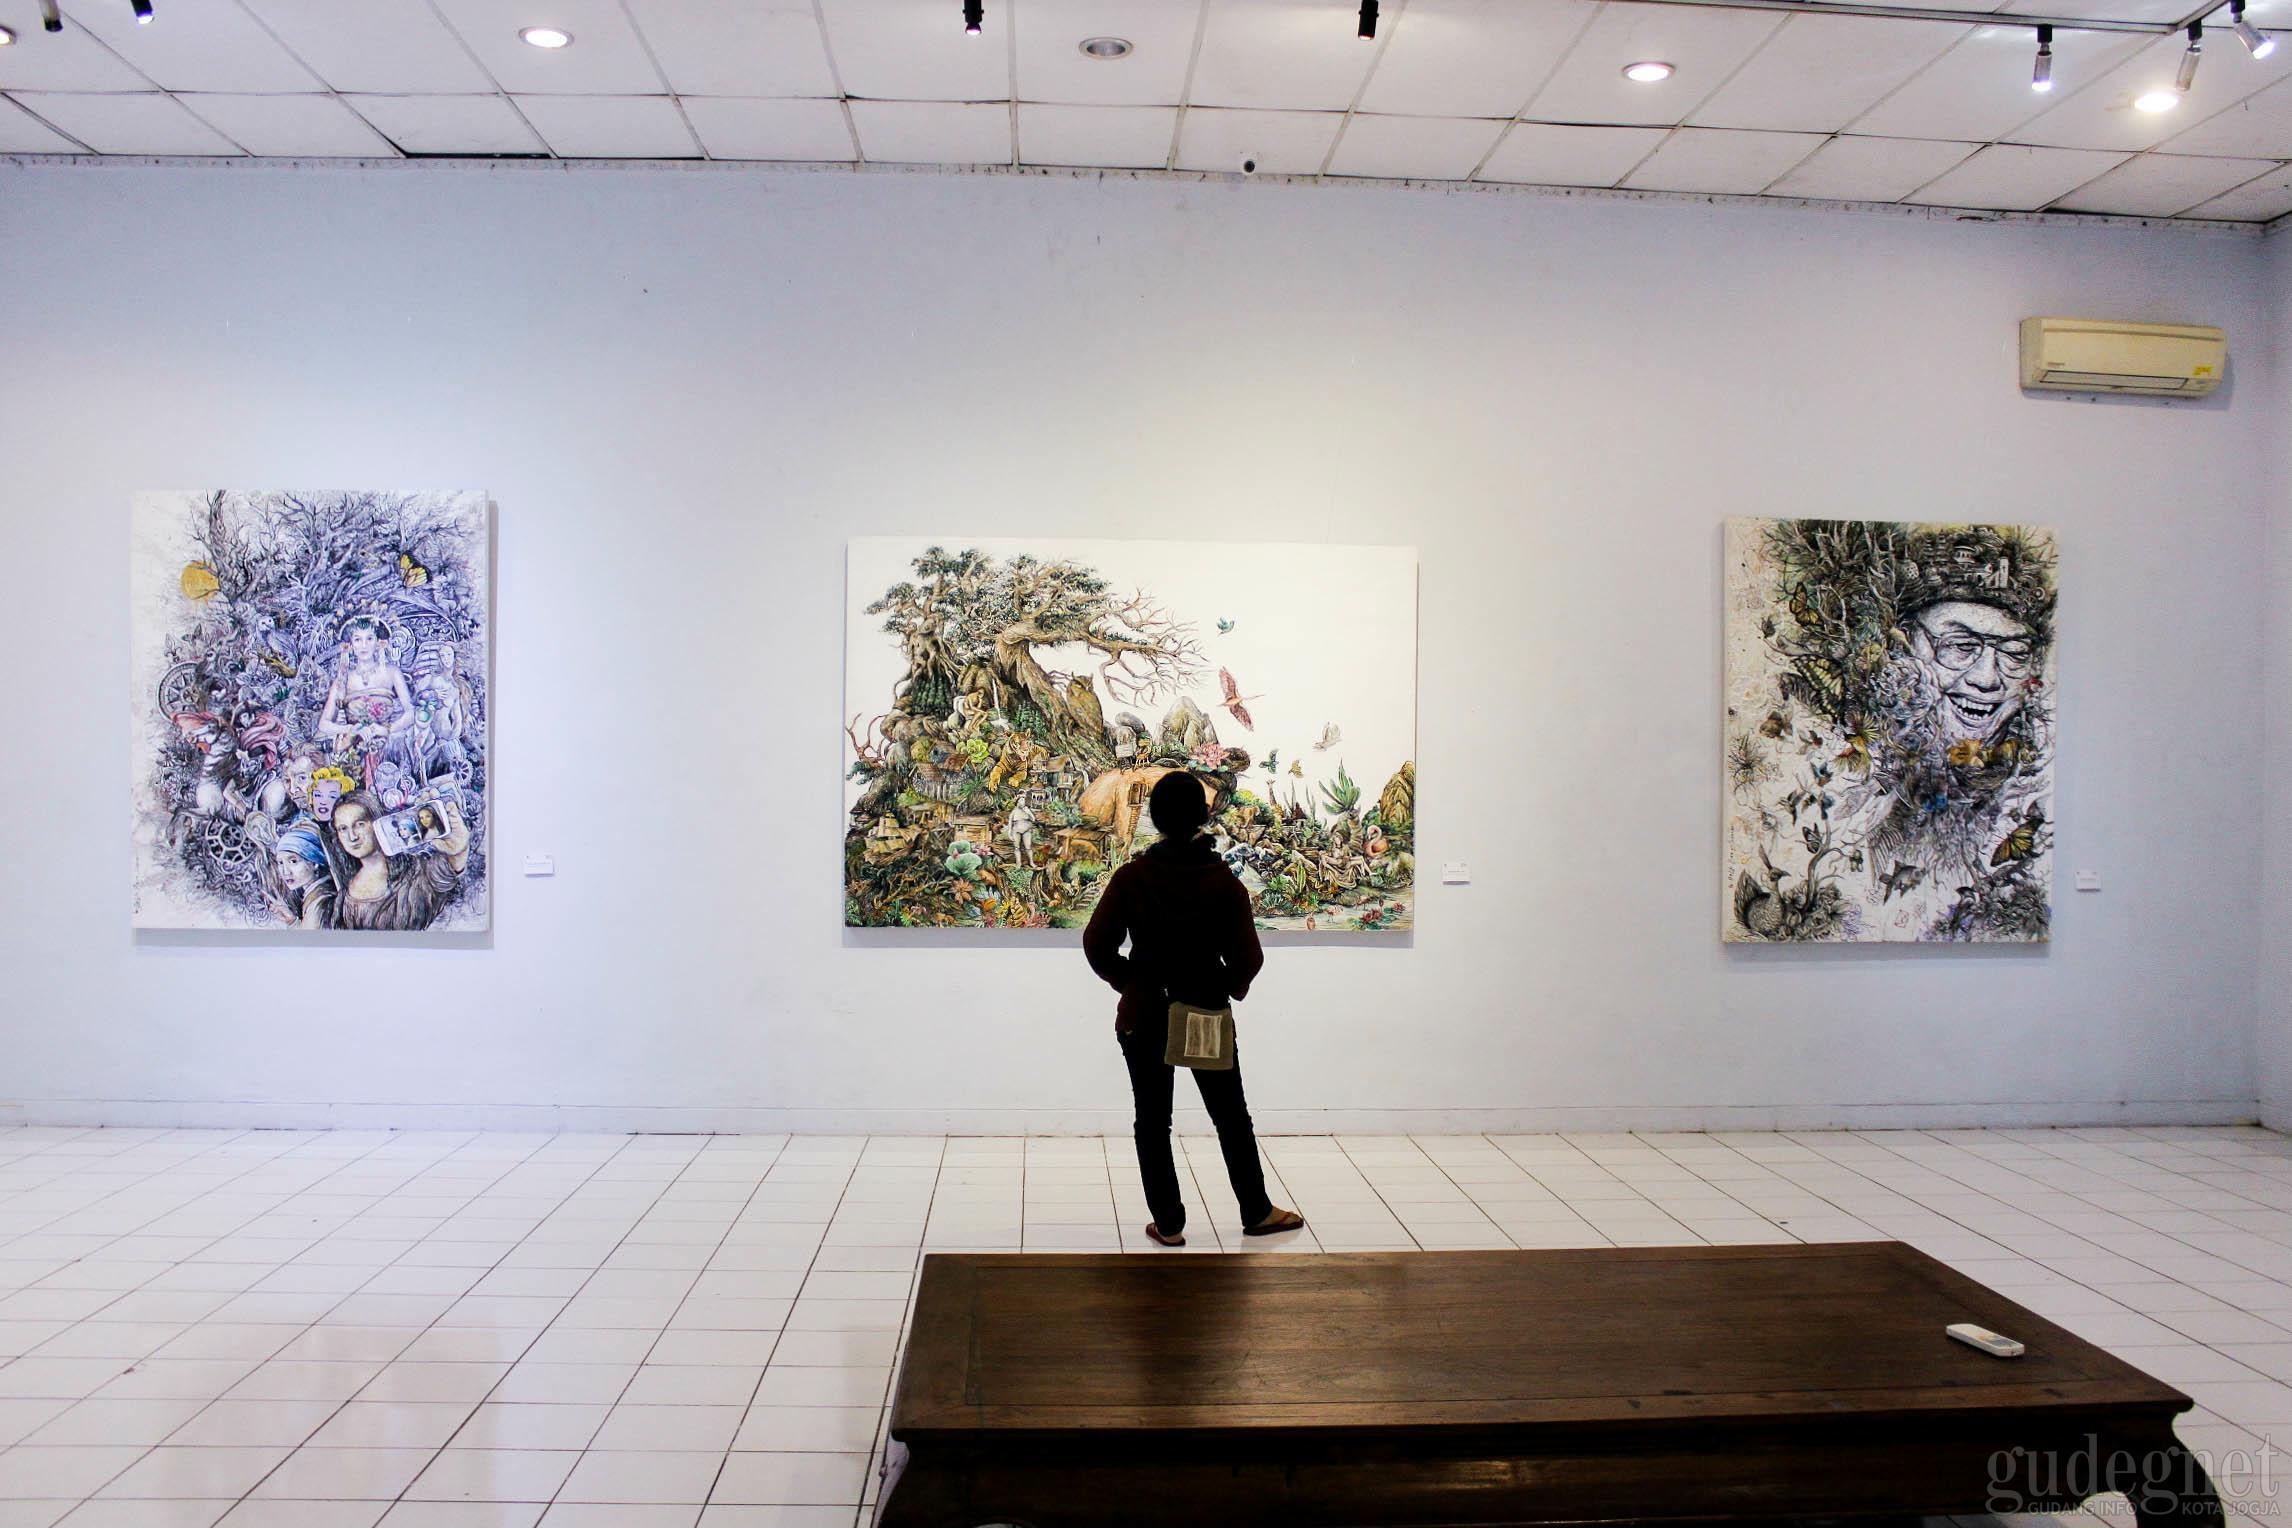 Menikmati Lukisan-lukisan Reflektif di Pameran Imago Dei